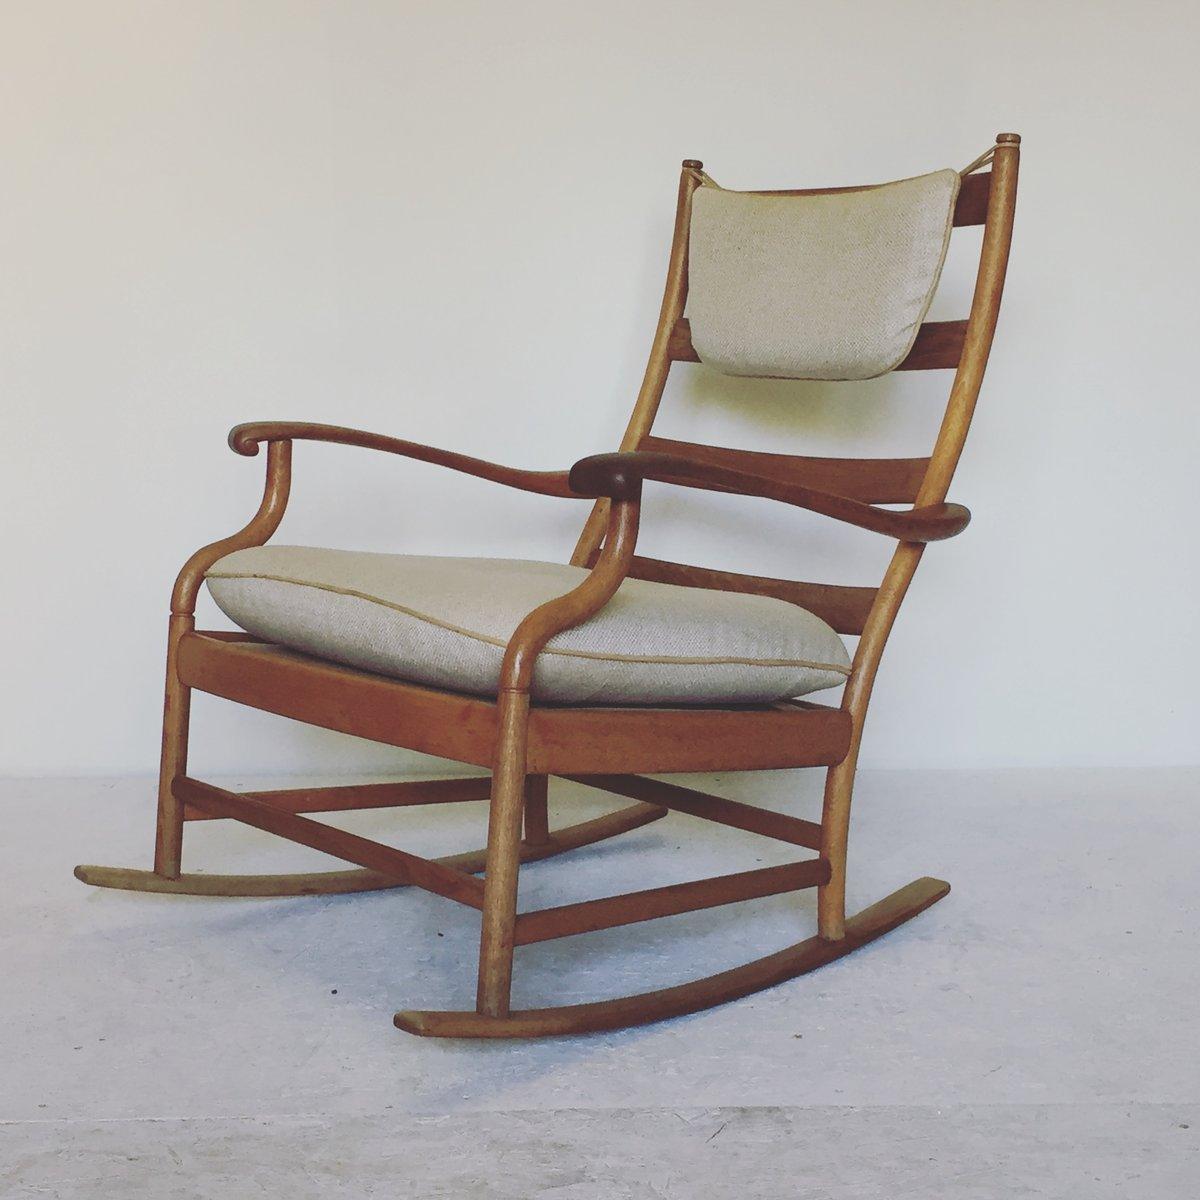 Skandinavischer schaukelstuhl aus eichenholz 1950er bei for Skandinavischer schaukelstuhl